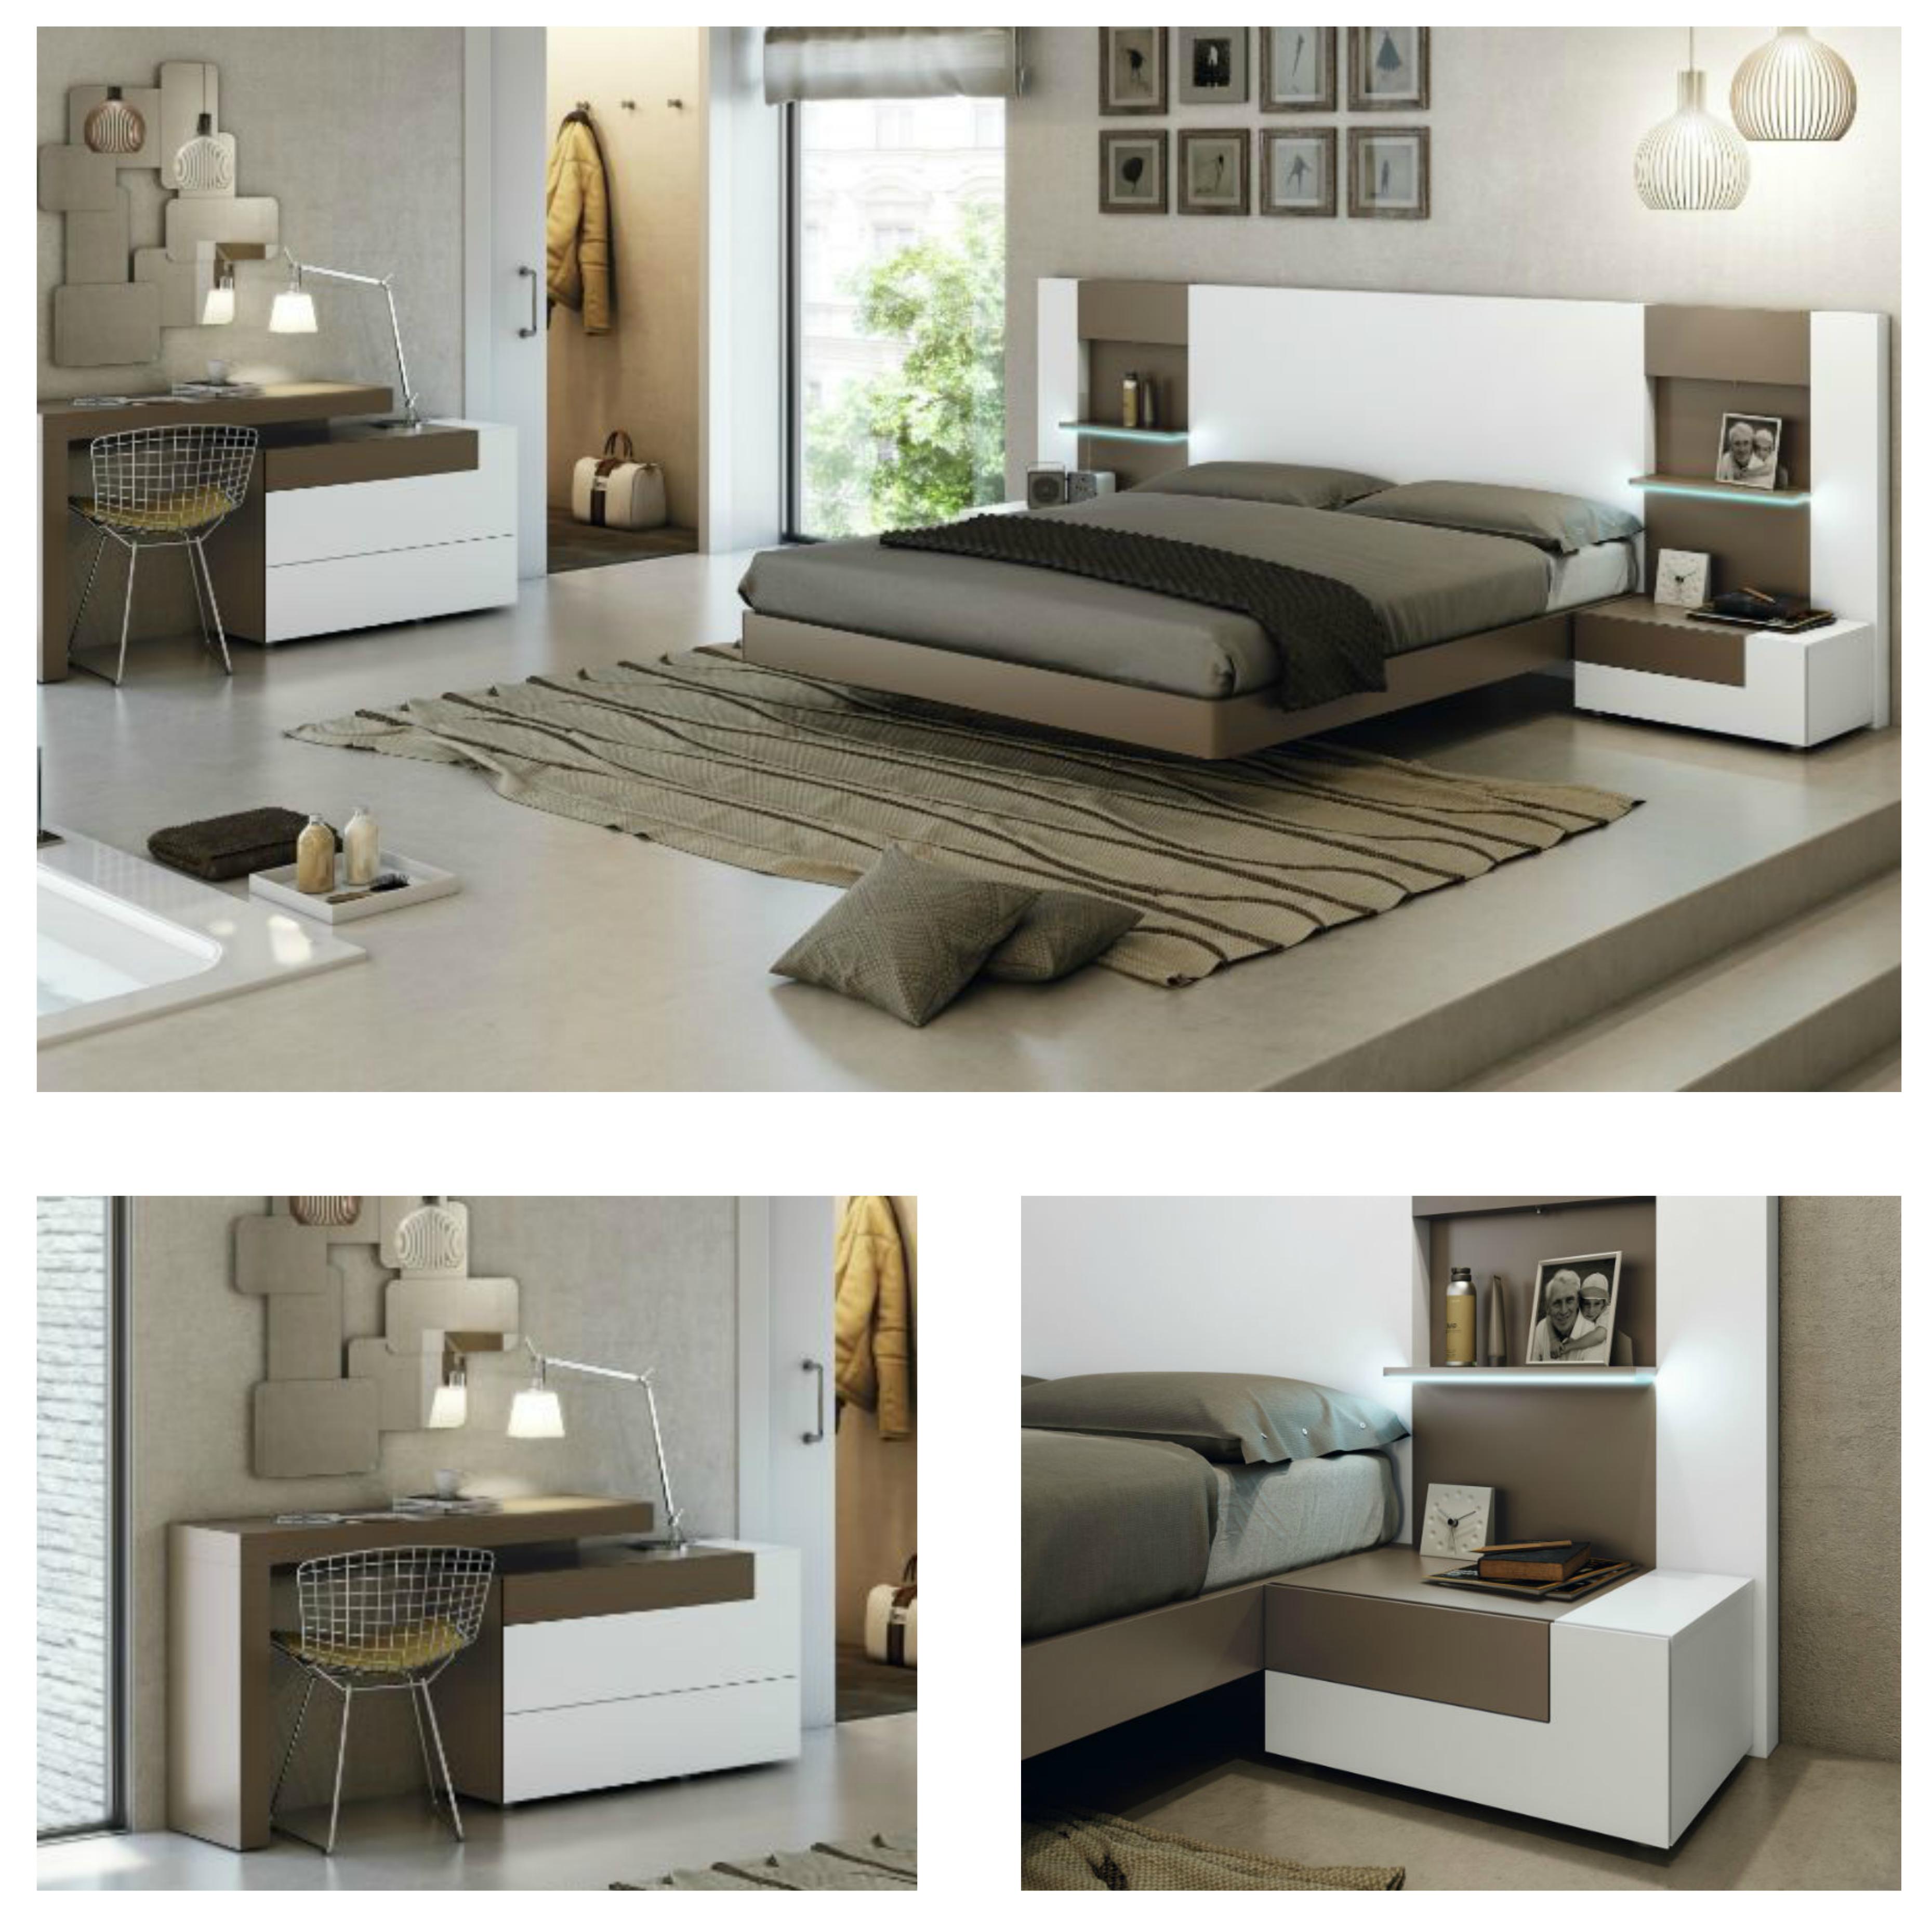 Cómo decorar tu dormitorio de forma minimalista